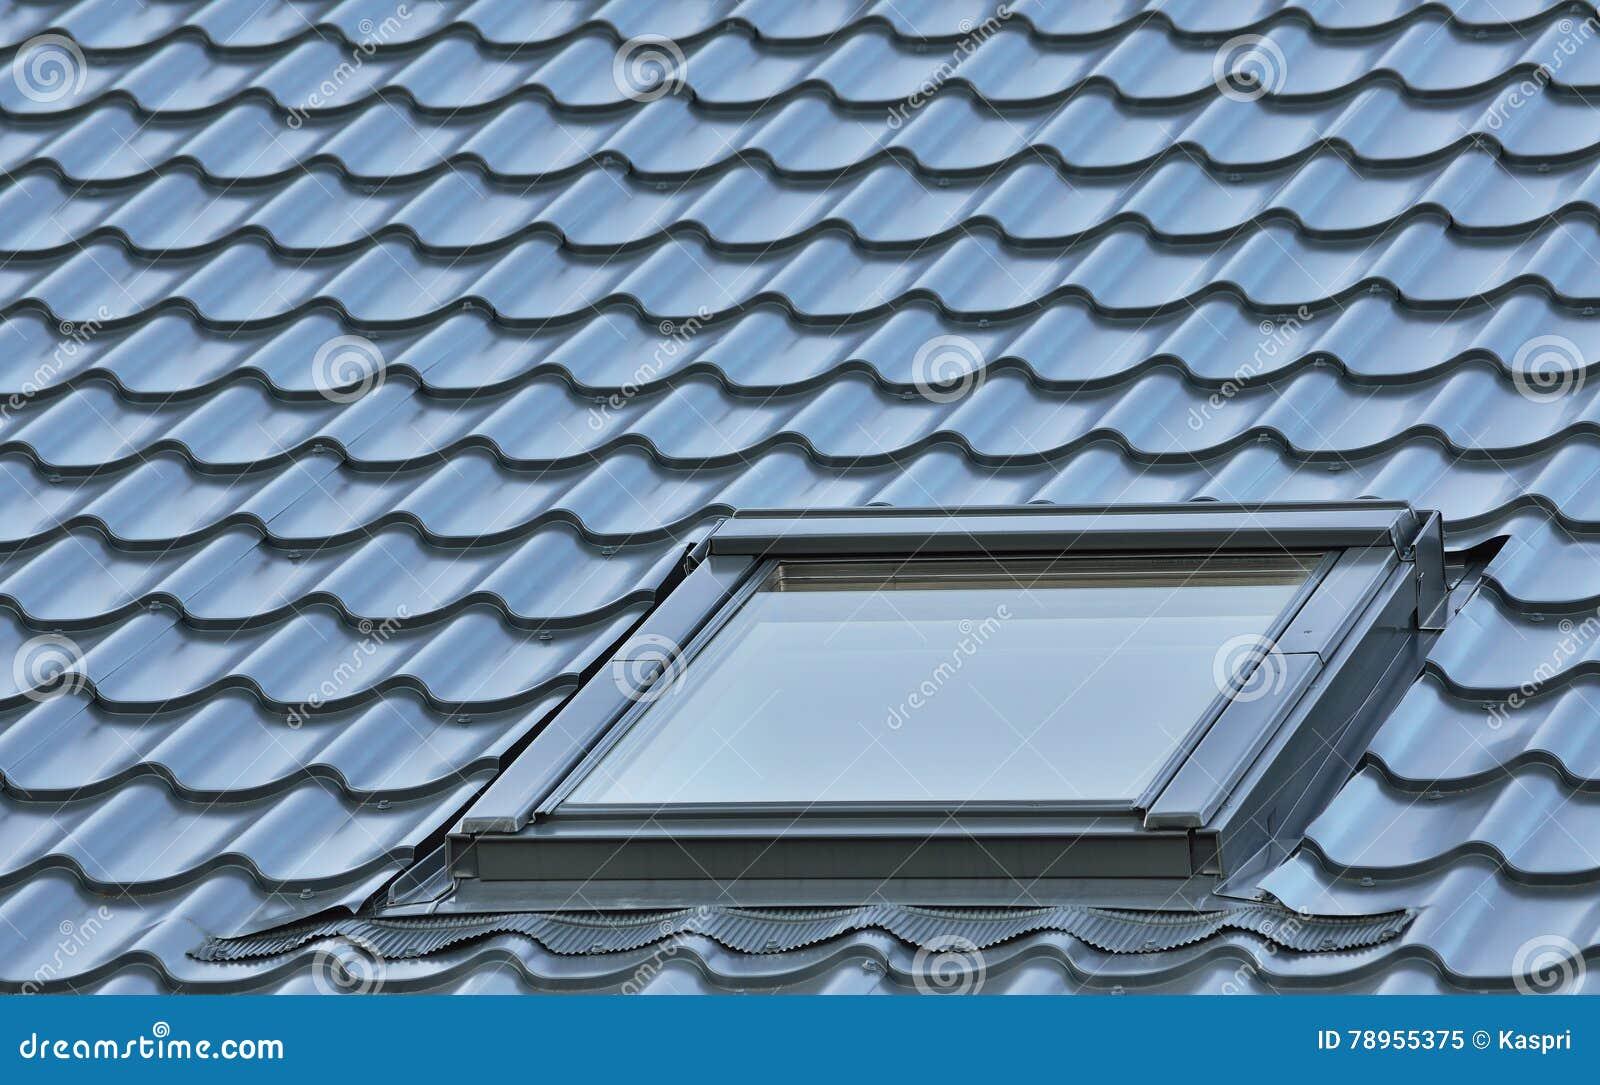 Taklägga fönstret, det grå färg belade med tegel taket, stor detaljerad vindtakfönsterbakgrund, diagonal taklägga modell